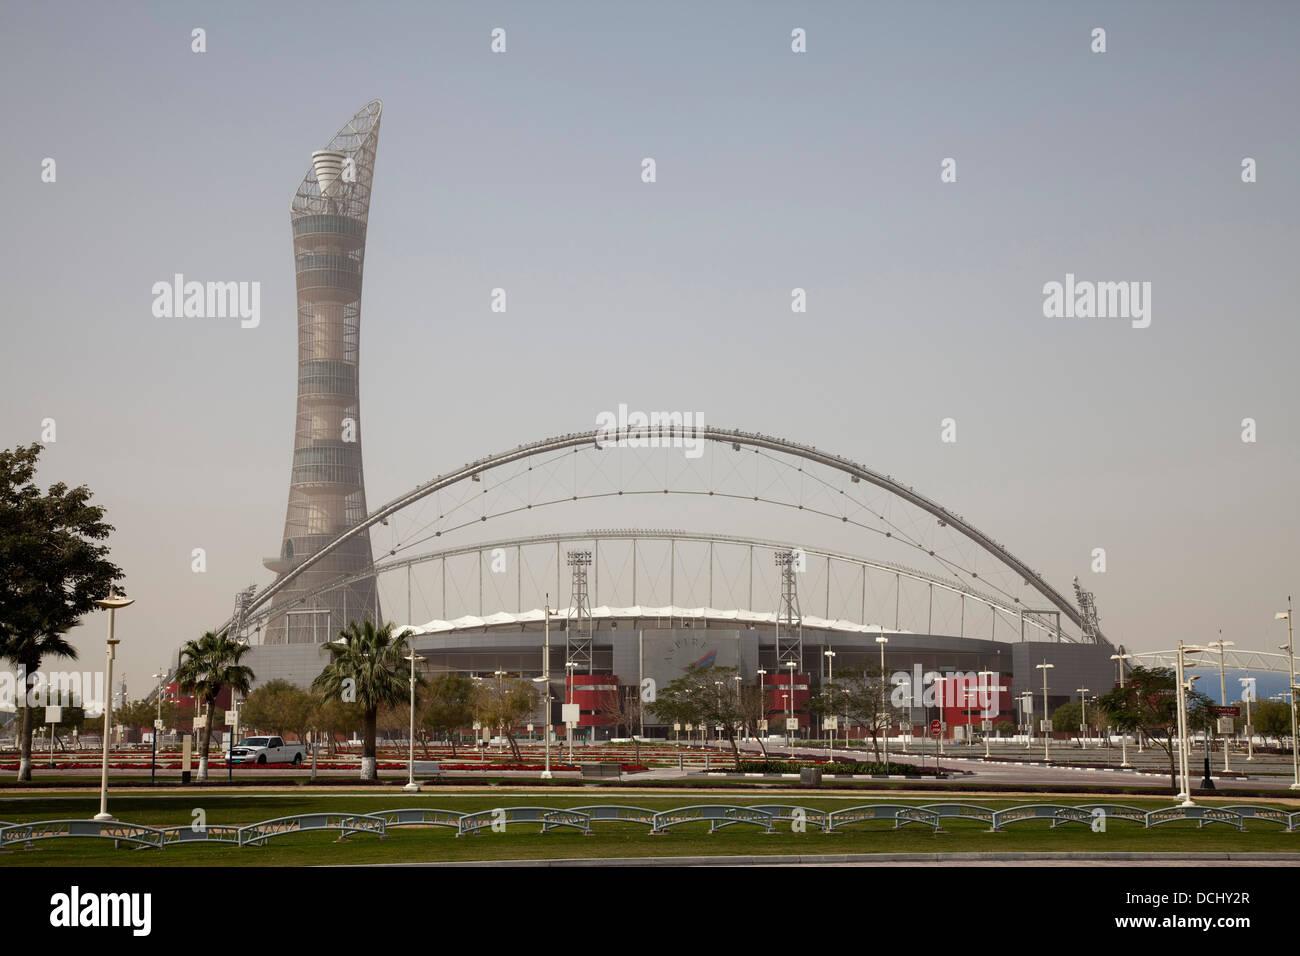 Doha Asian Games Stock Photos & Doha Asian Games Stock ...